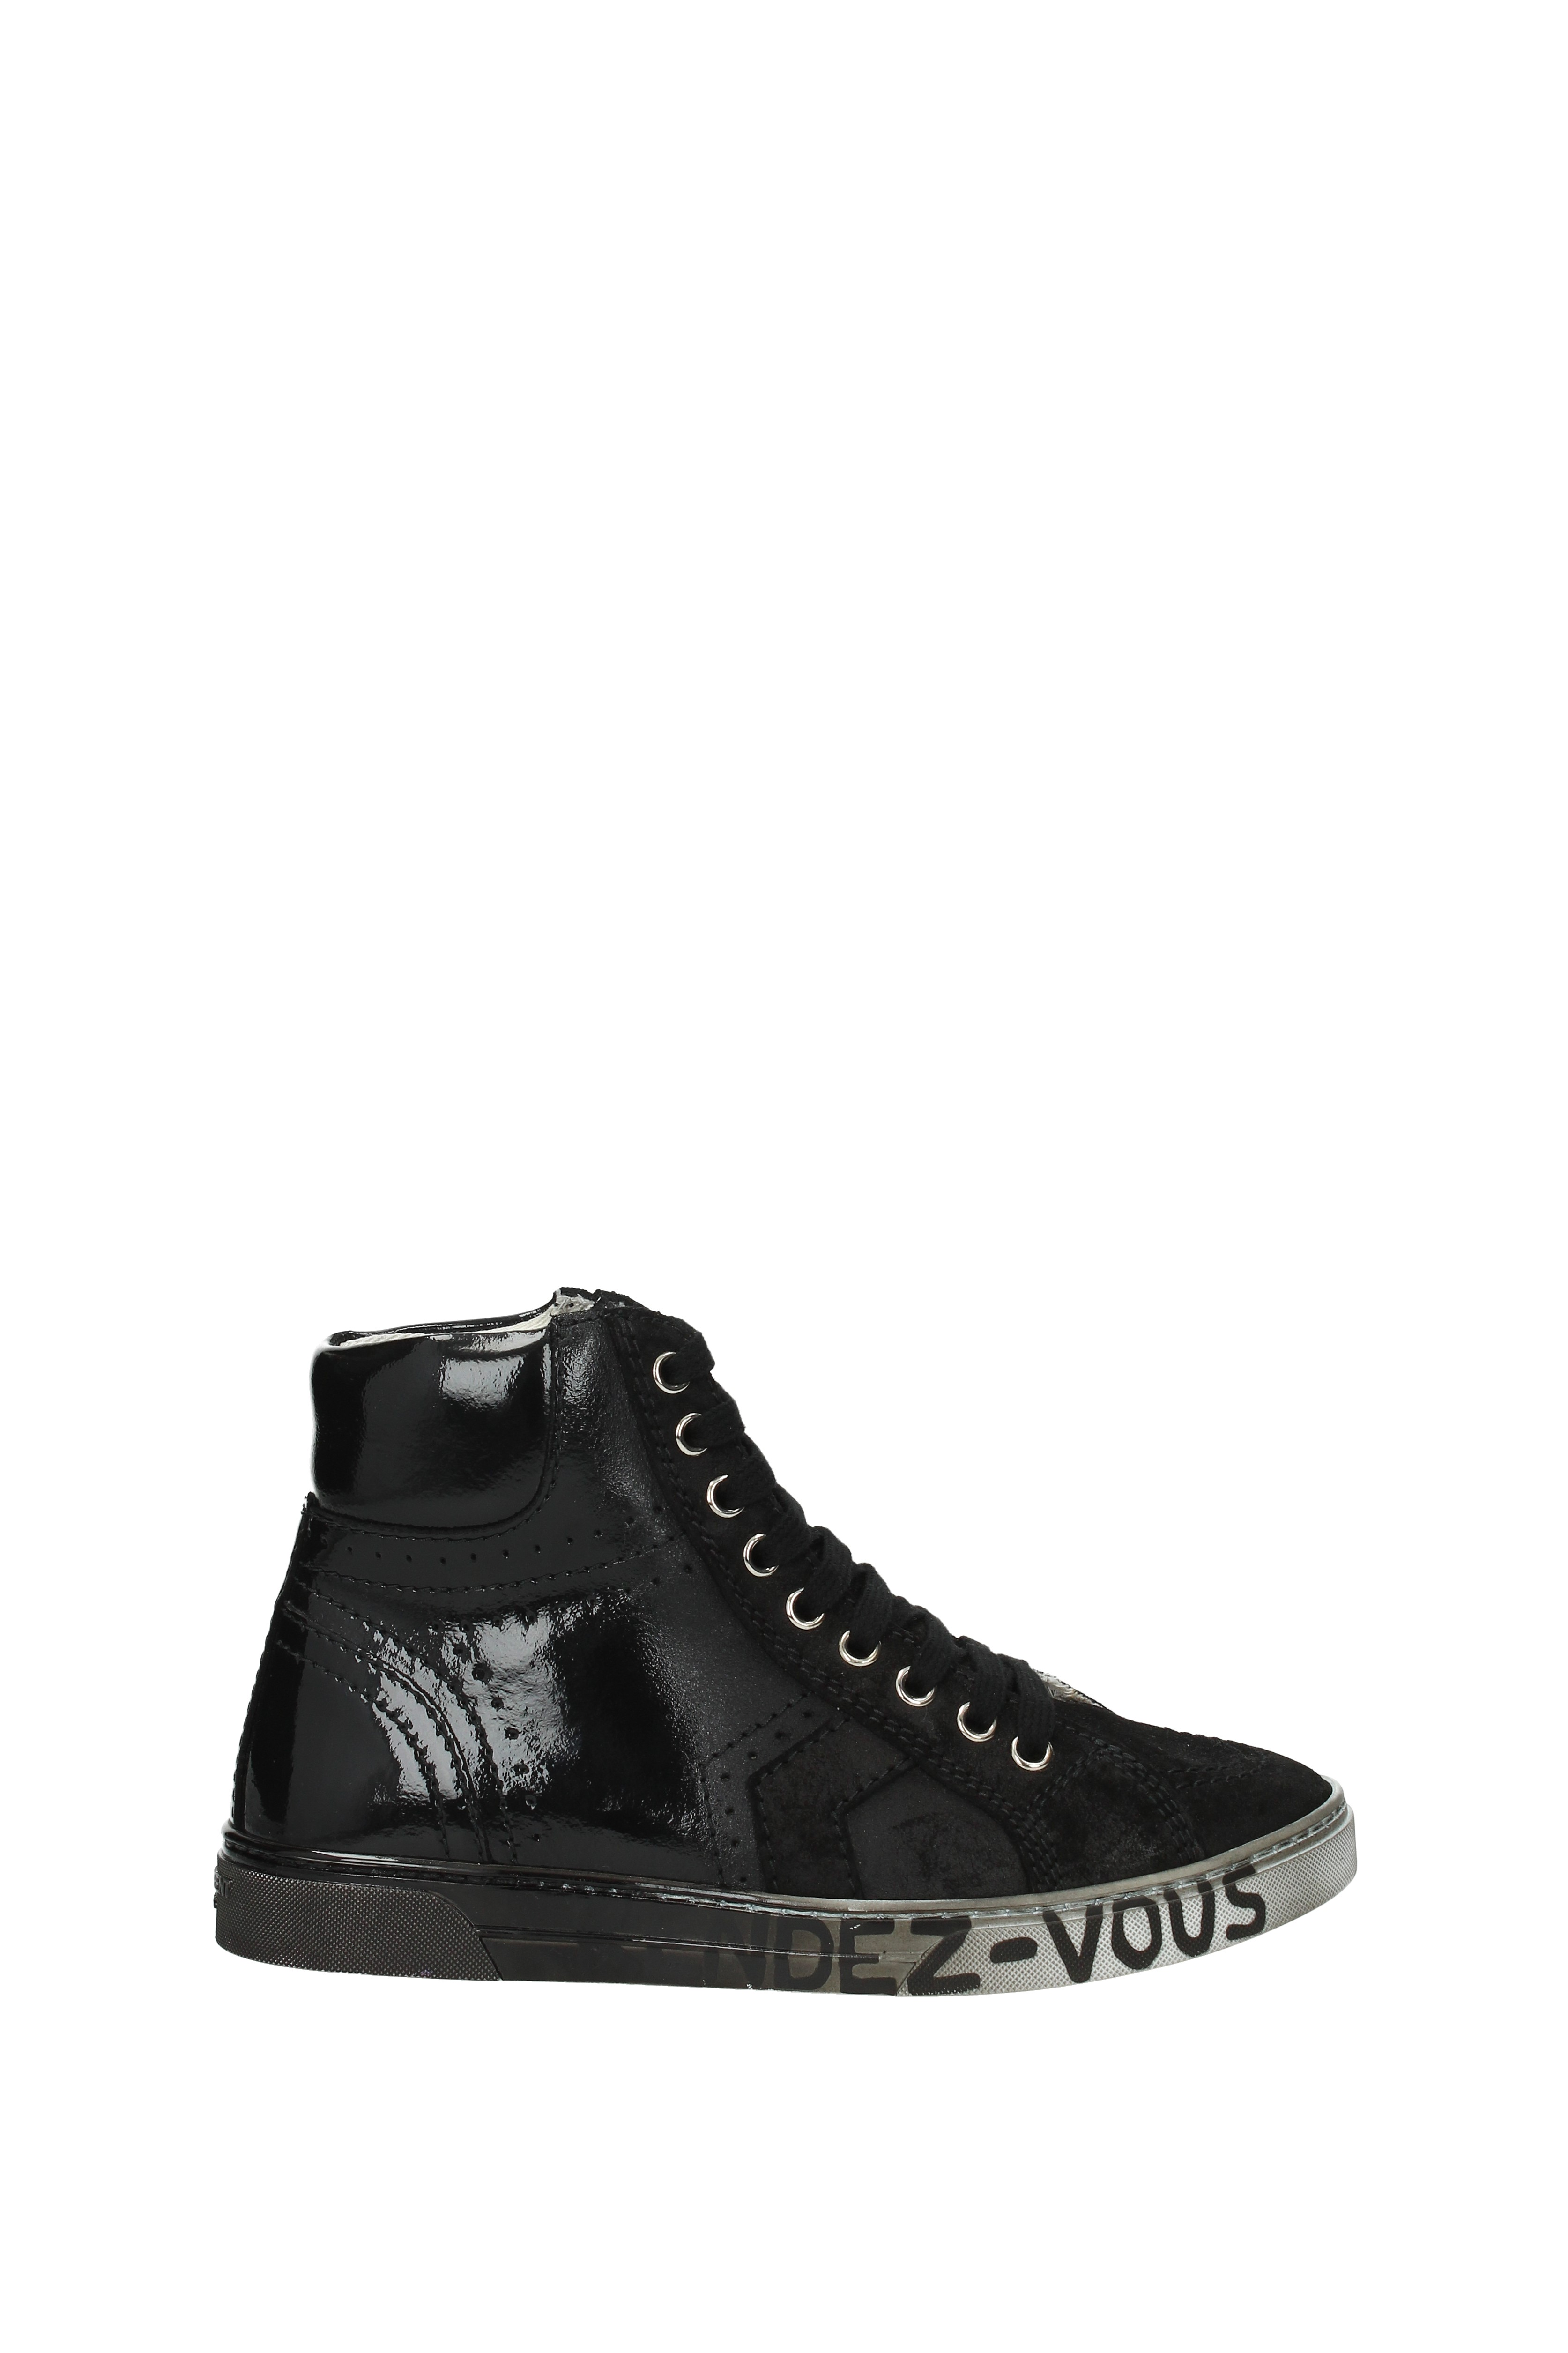 Sneakers Saint Saint Saint Laurent Damen - Wildleder (4928620D400) a77033